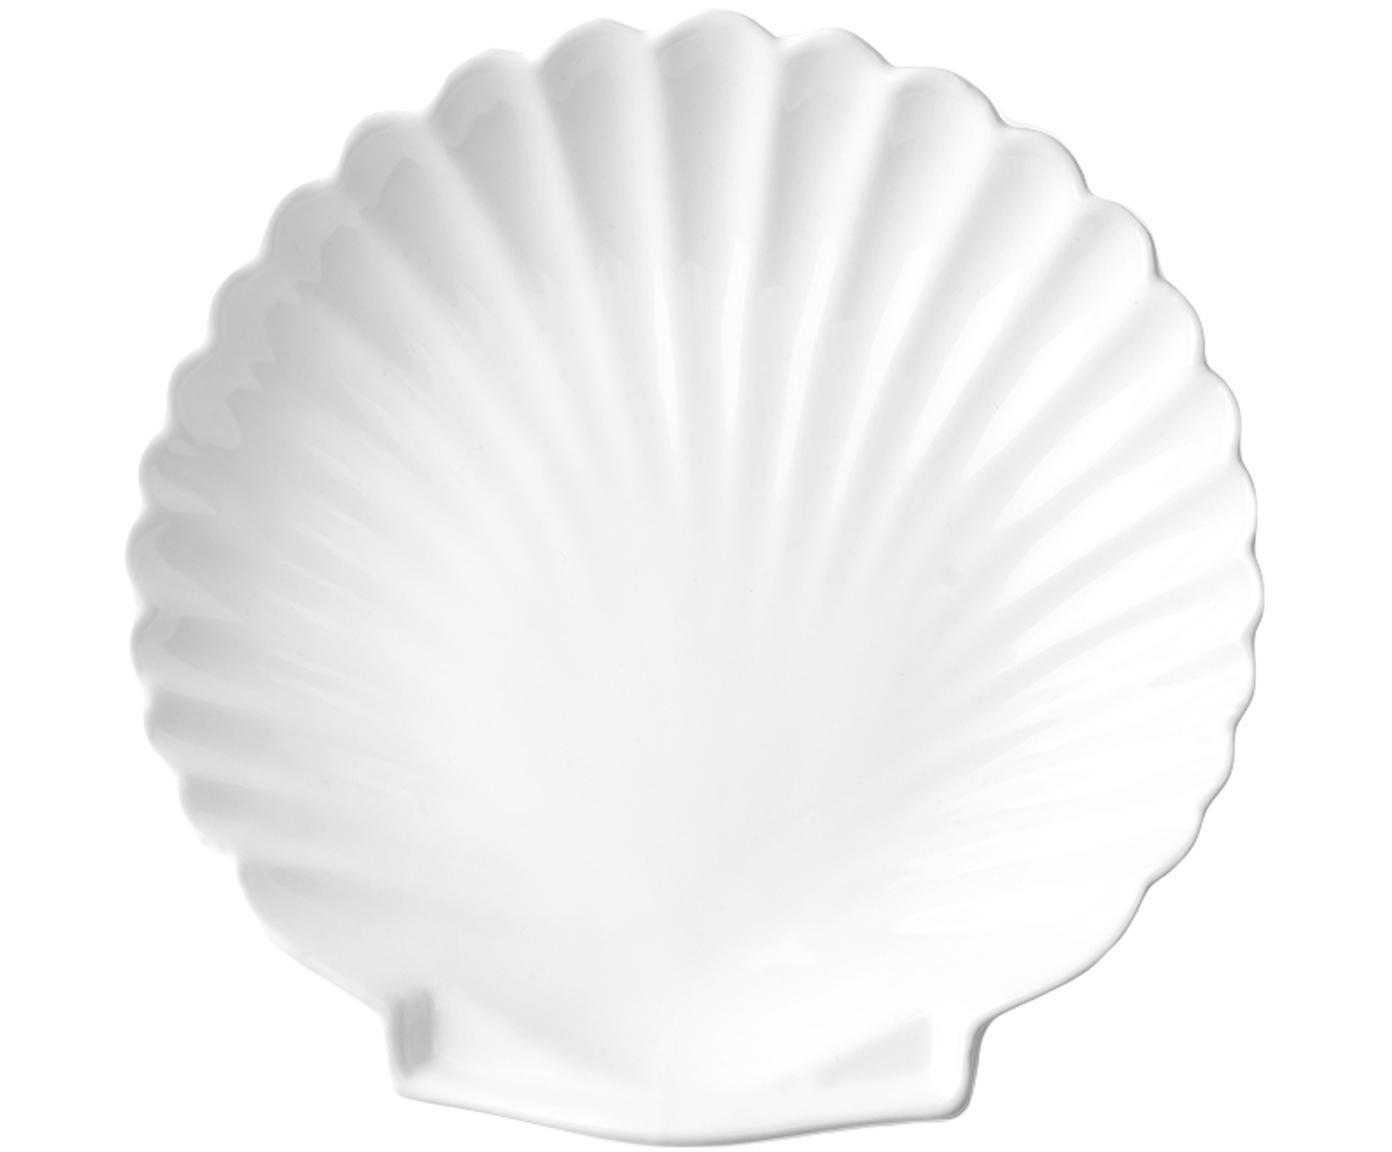 Piatto piano a forma di conchiglia Shell 2 pz, Ceramica, Bianco, Ø 20 cm